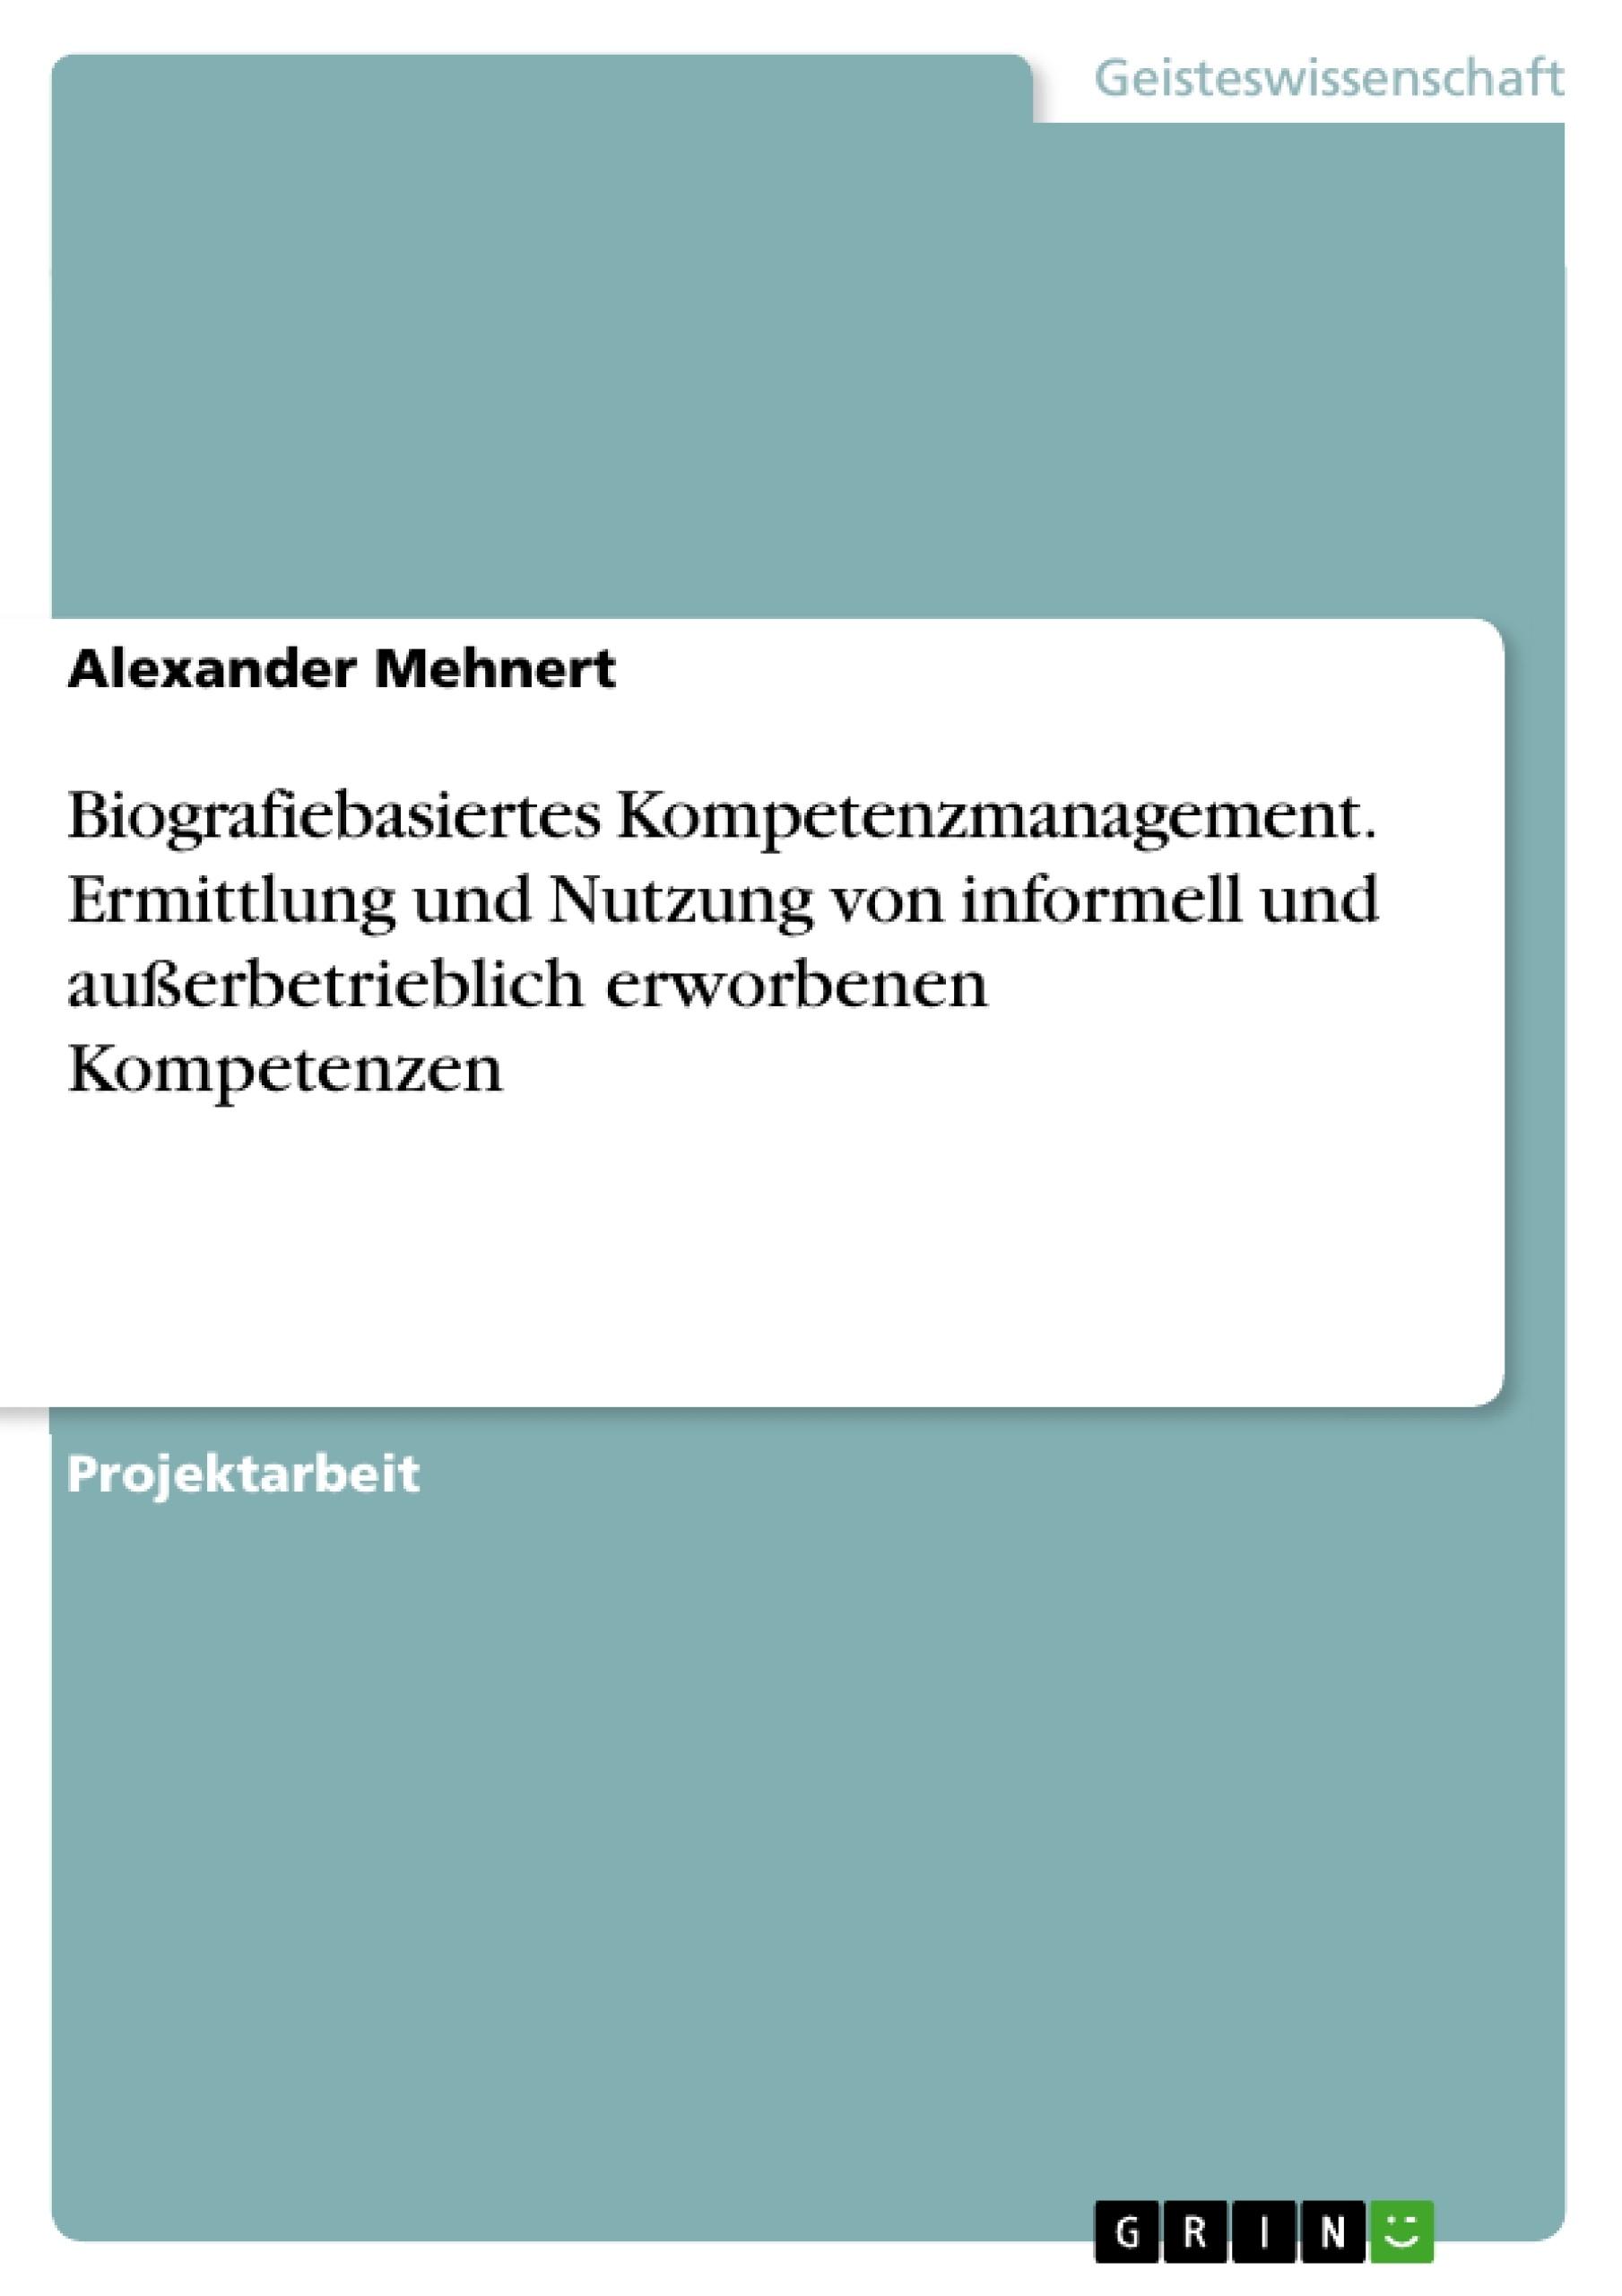 Titel: Biografiebasiertes Kompetenzmanagement. Ermittlung und Nutzung von informell und außerbetrieblich erworbenen Kompetenzen